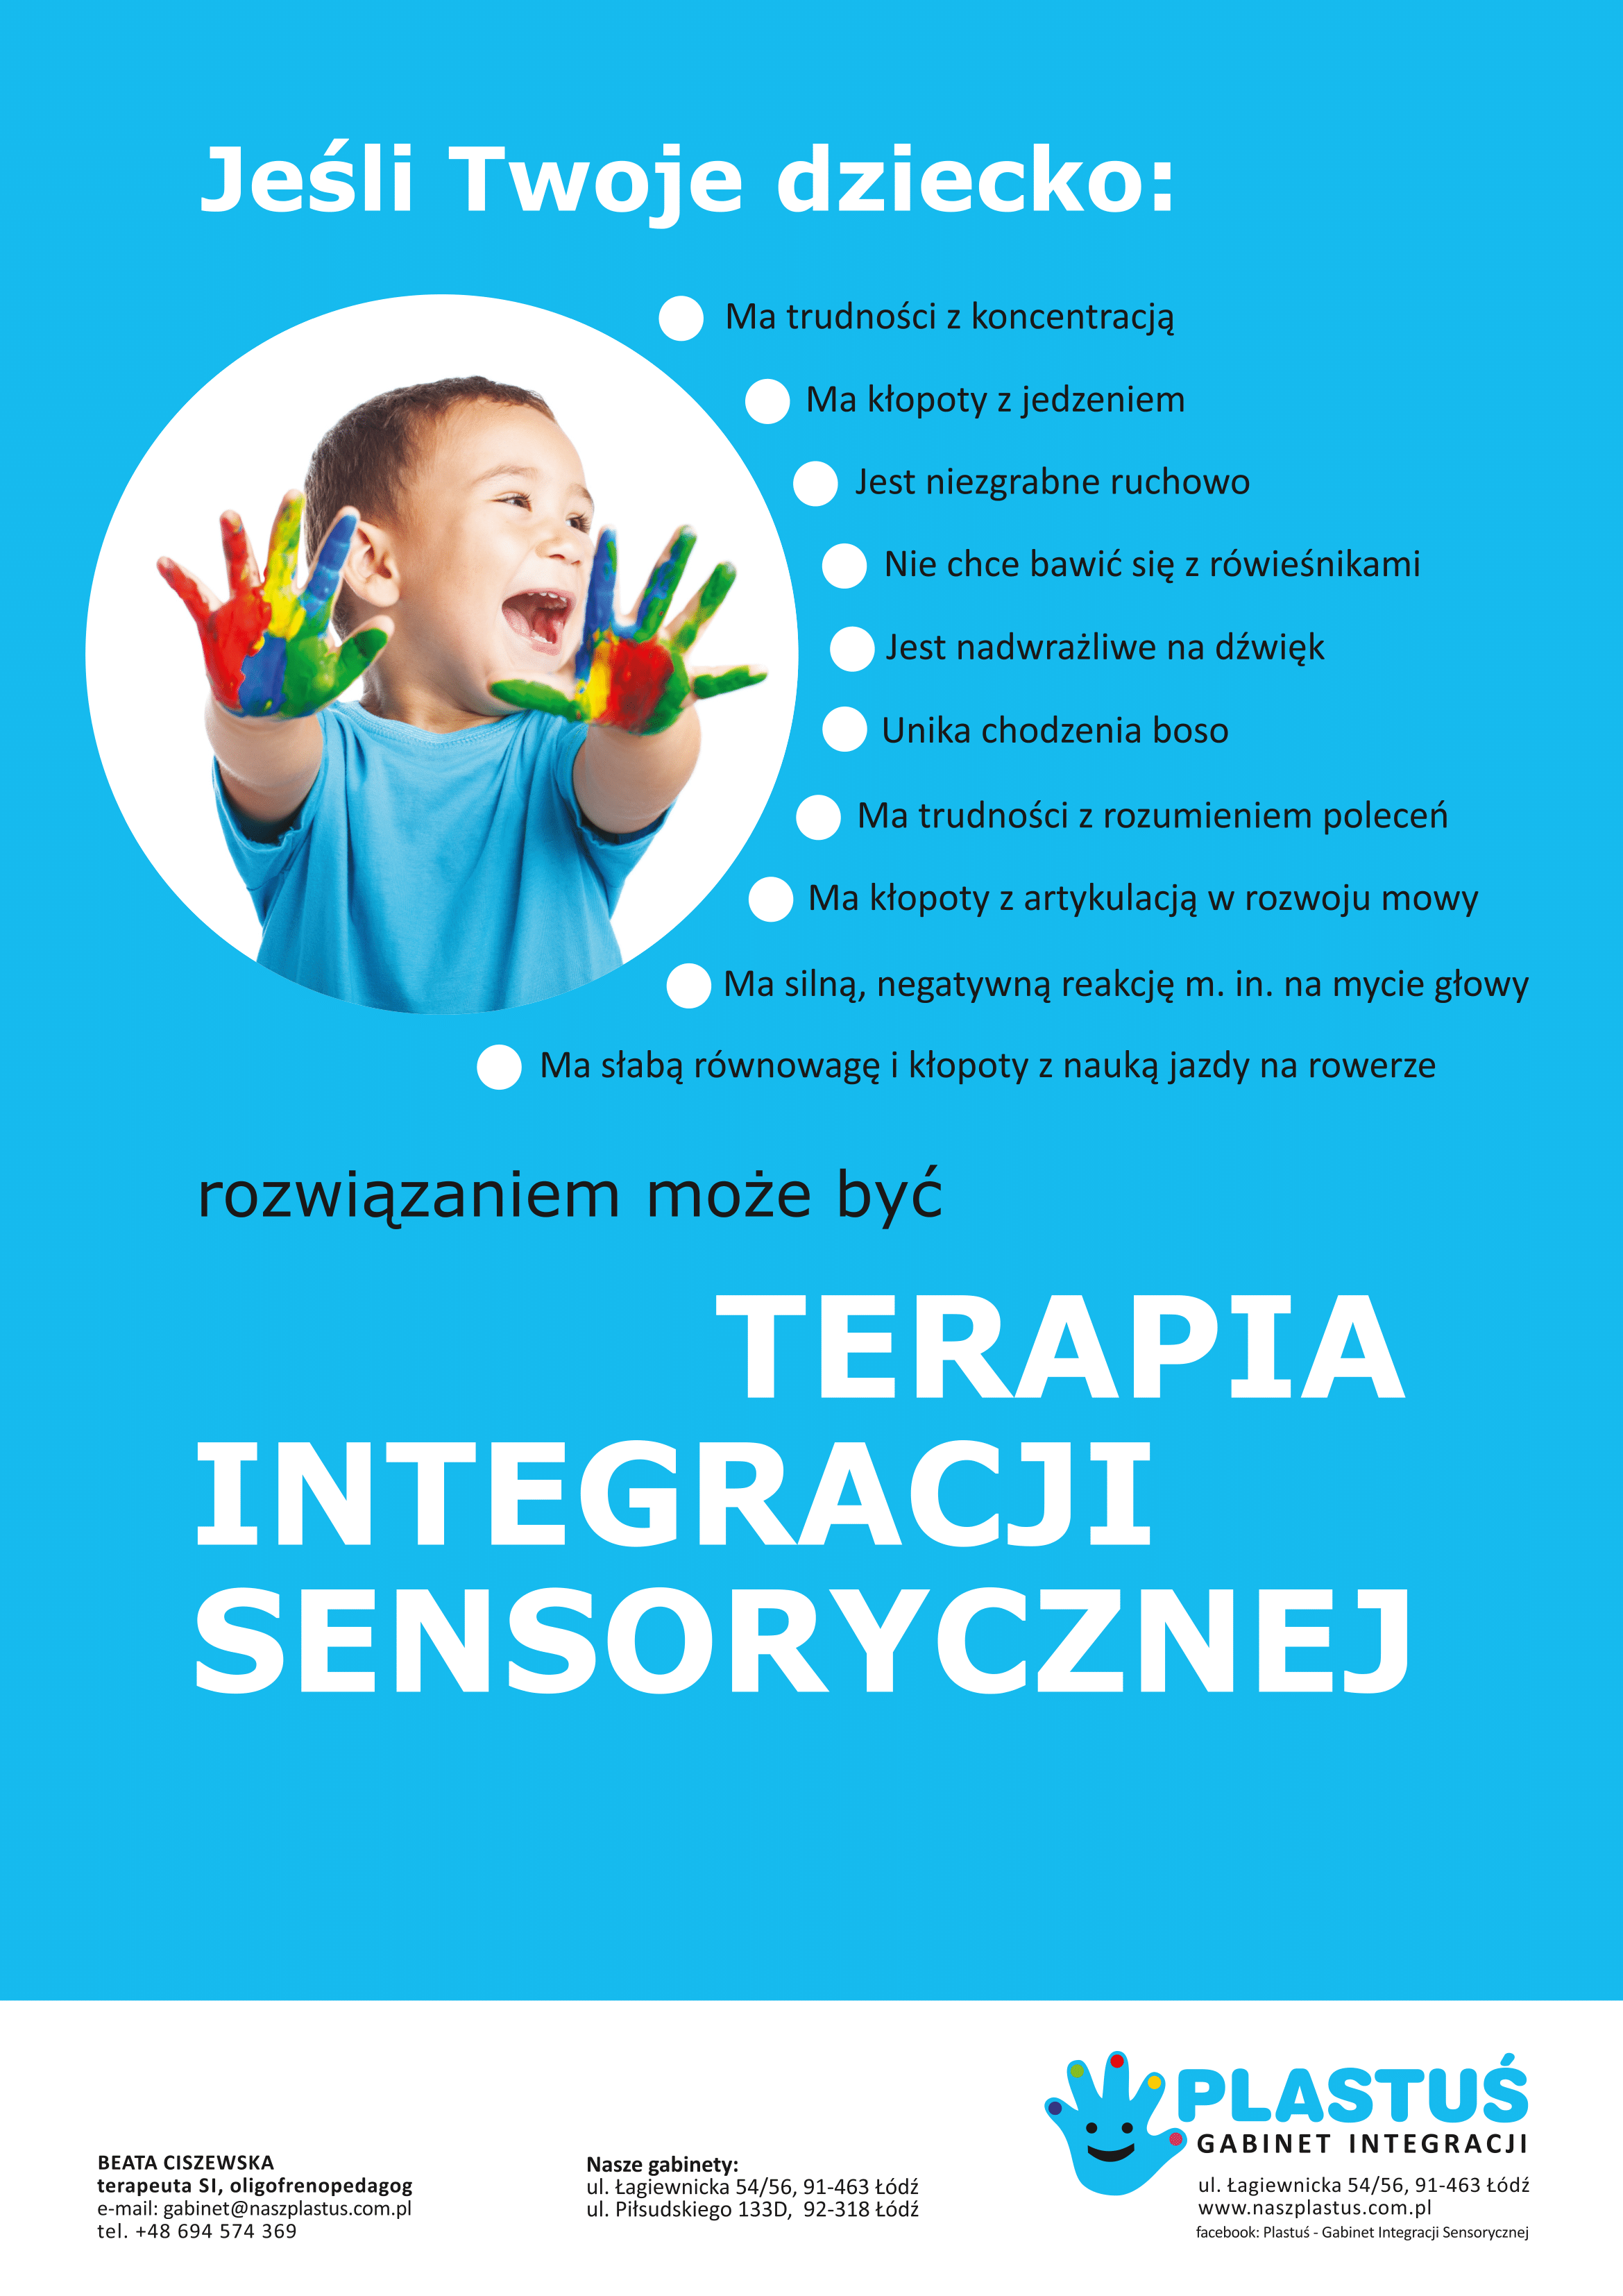 Zaburzenia sensoryki u dzieci co powinno niepokoić